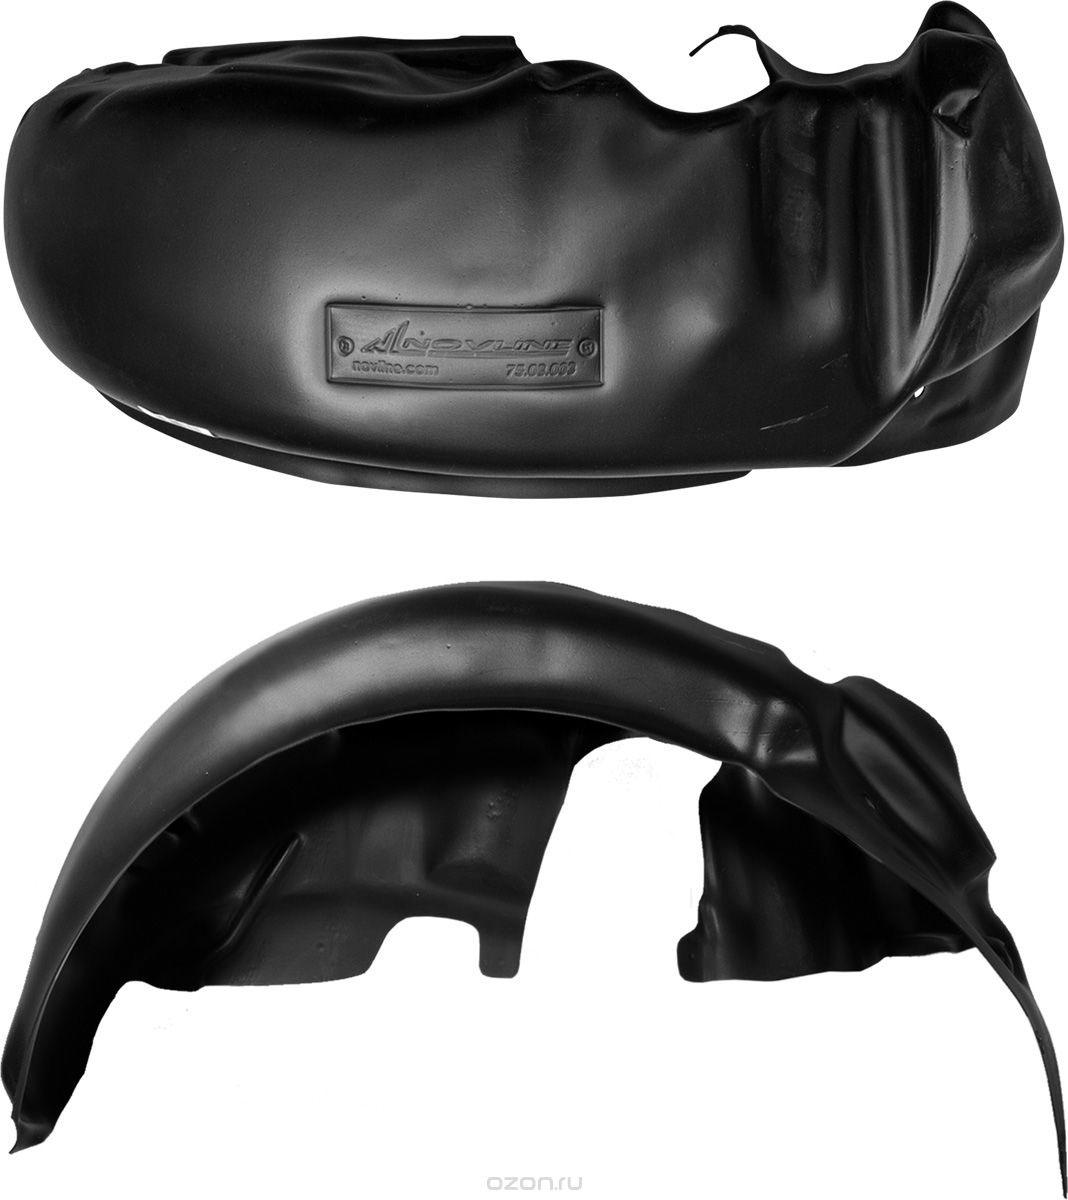 Подкрылок Novline-Autofamily, для Mitsubishi L200, 2015->, передний правыйNLL.35.34.002Идеальная защита колесной ниши. Локеры разработаны с применением цифровых технологий, гарантируют максимальную повторяемость поверхности арки. Изделия устанавливаются без нарушения лакокрасочного покрытия автомобиля, каждый подкрылок комплектуется крепежом. Уважаемые клиенты, обращаем ваше внимание, что фотографии на подкрылки универсальные и не отражают реальную форму изделия. При этом само изделие идет точно под размер указанного автомобиля.